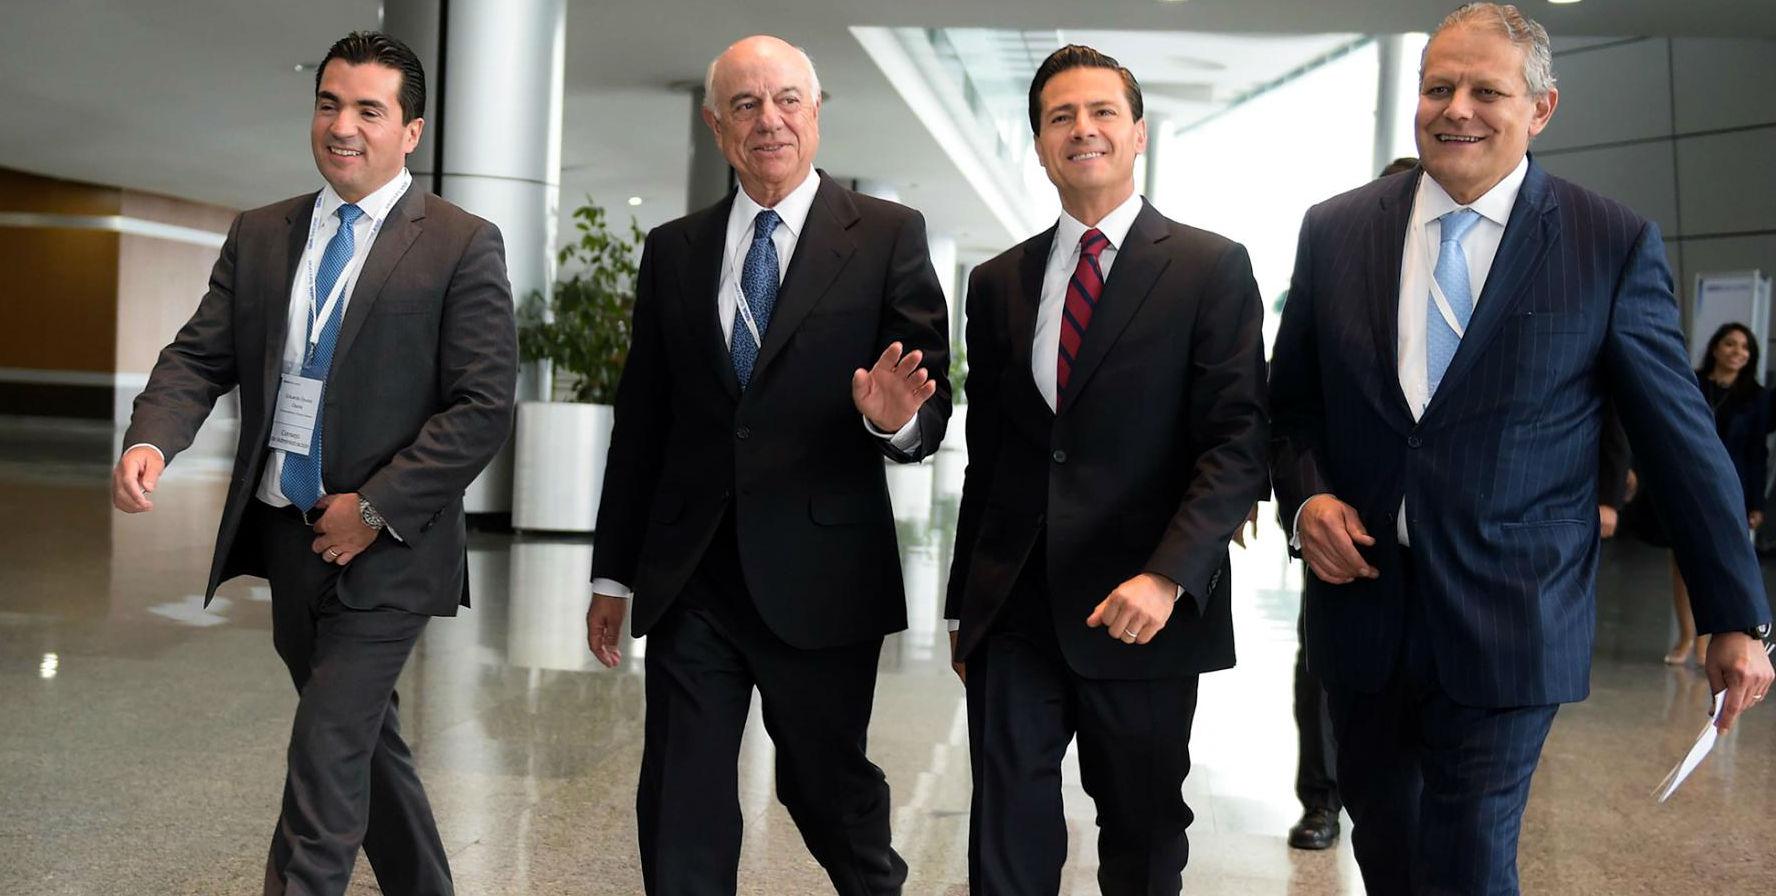 El Primer Mandatario camina junto con Francisco González Rodríguez, Presidente de Grupo BBVA y Luis Robles Miaja, Presidente del Consejo de Administración.